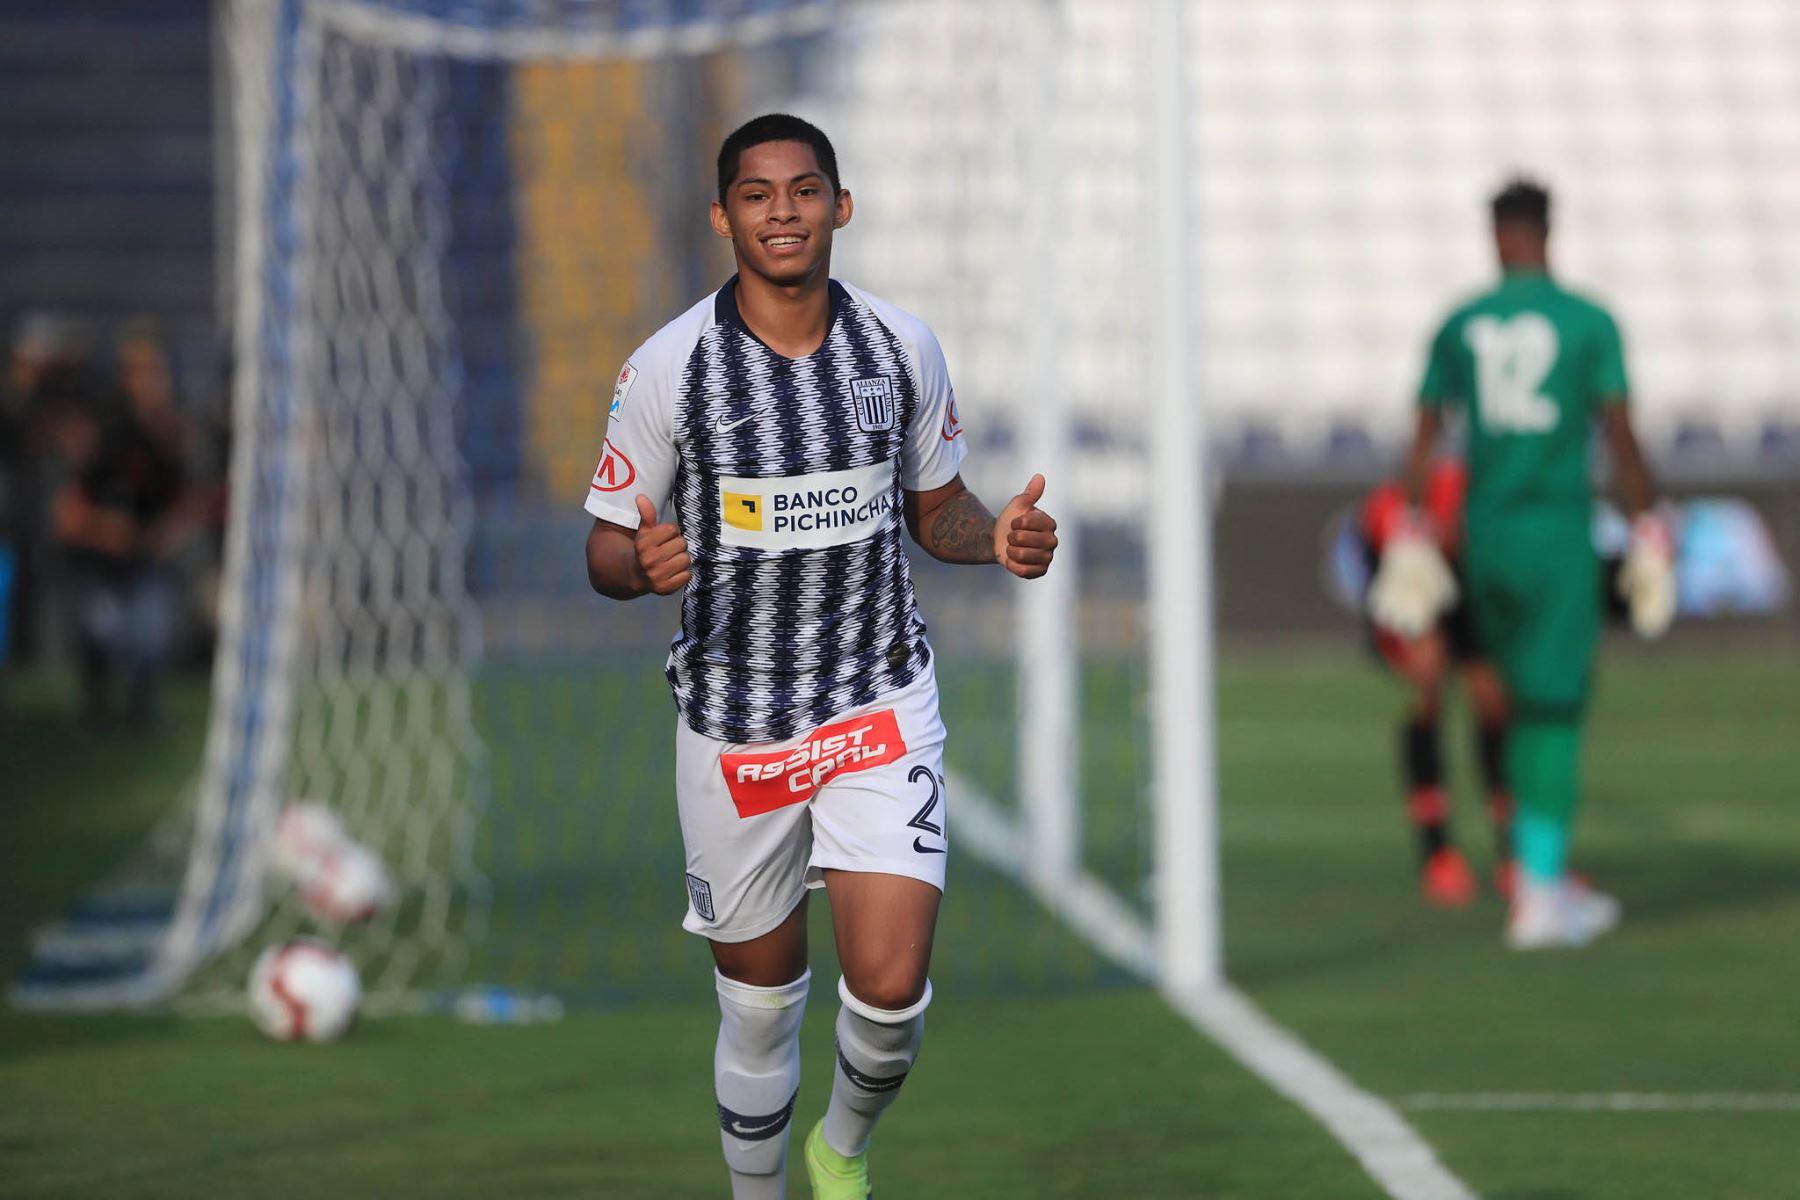 Kevin Quevedo celebra el 2do gol de Alianza Lima frente al  Melgar se enfrentan por la fecha 13 de la Liga 1 Apertura en el estadio Alejandro Villanueva. Foto: ANDINA/Juan Carlos Guzmán